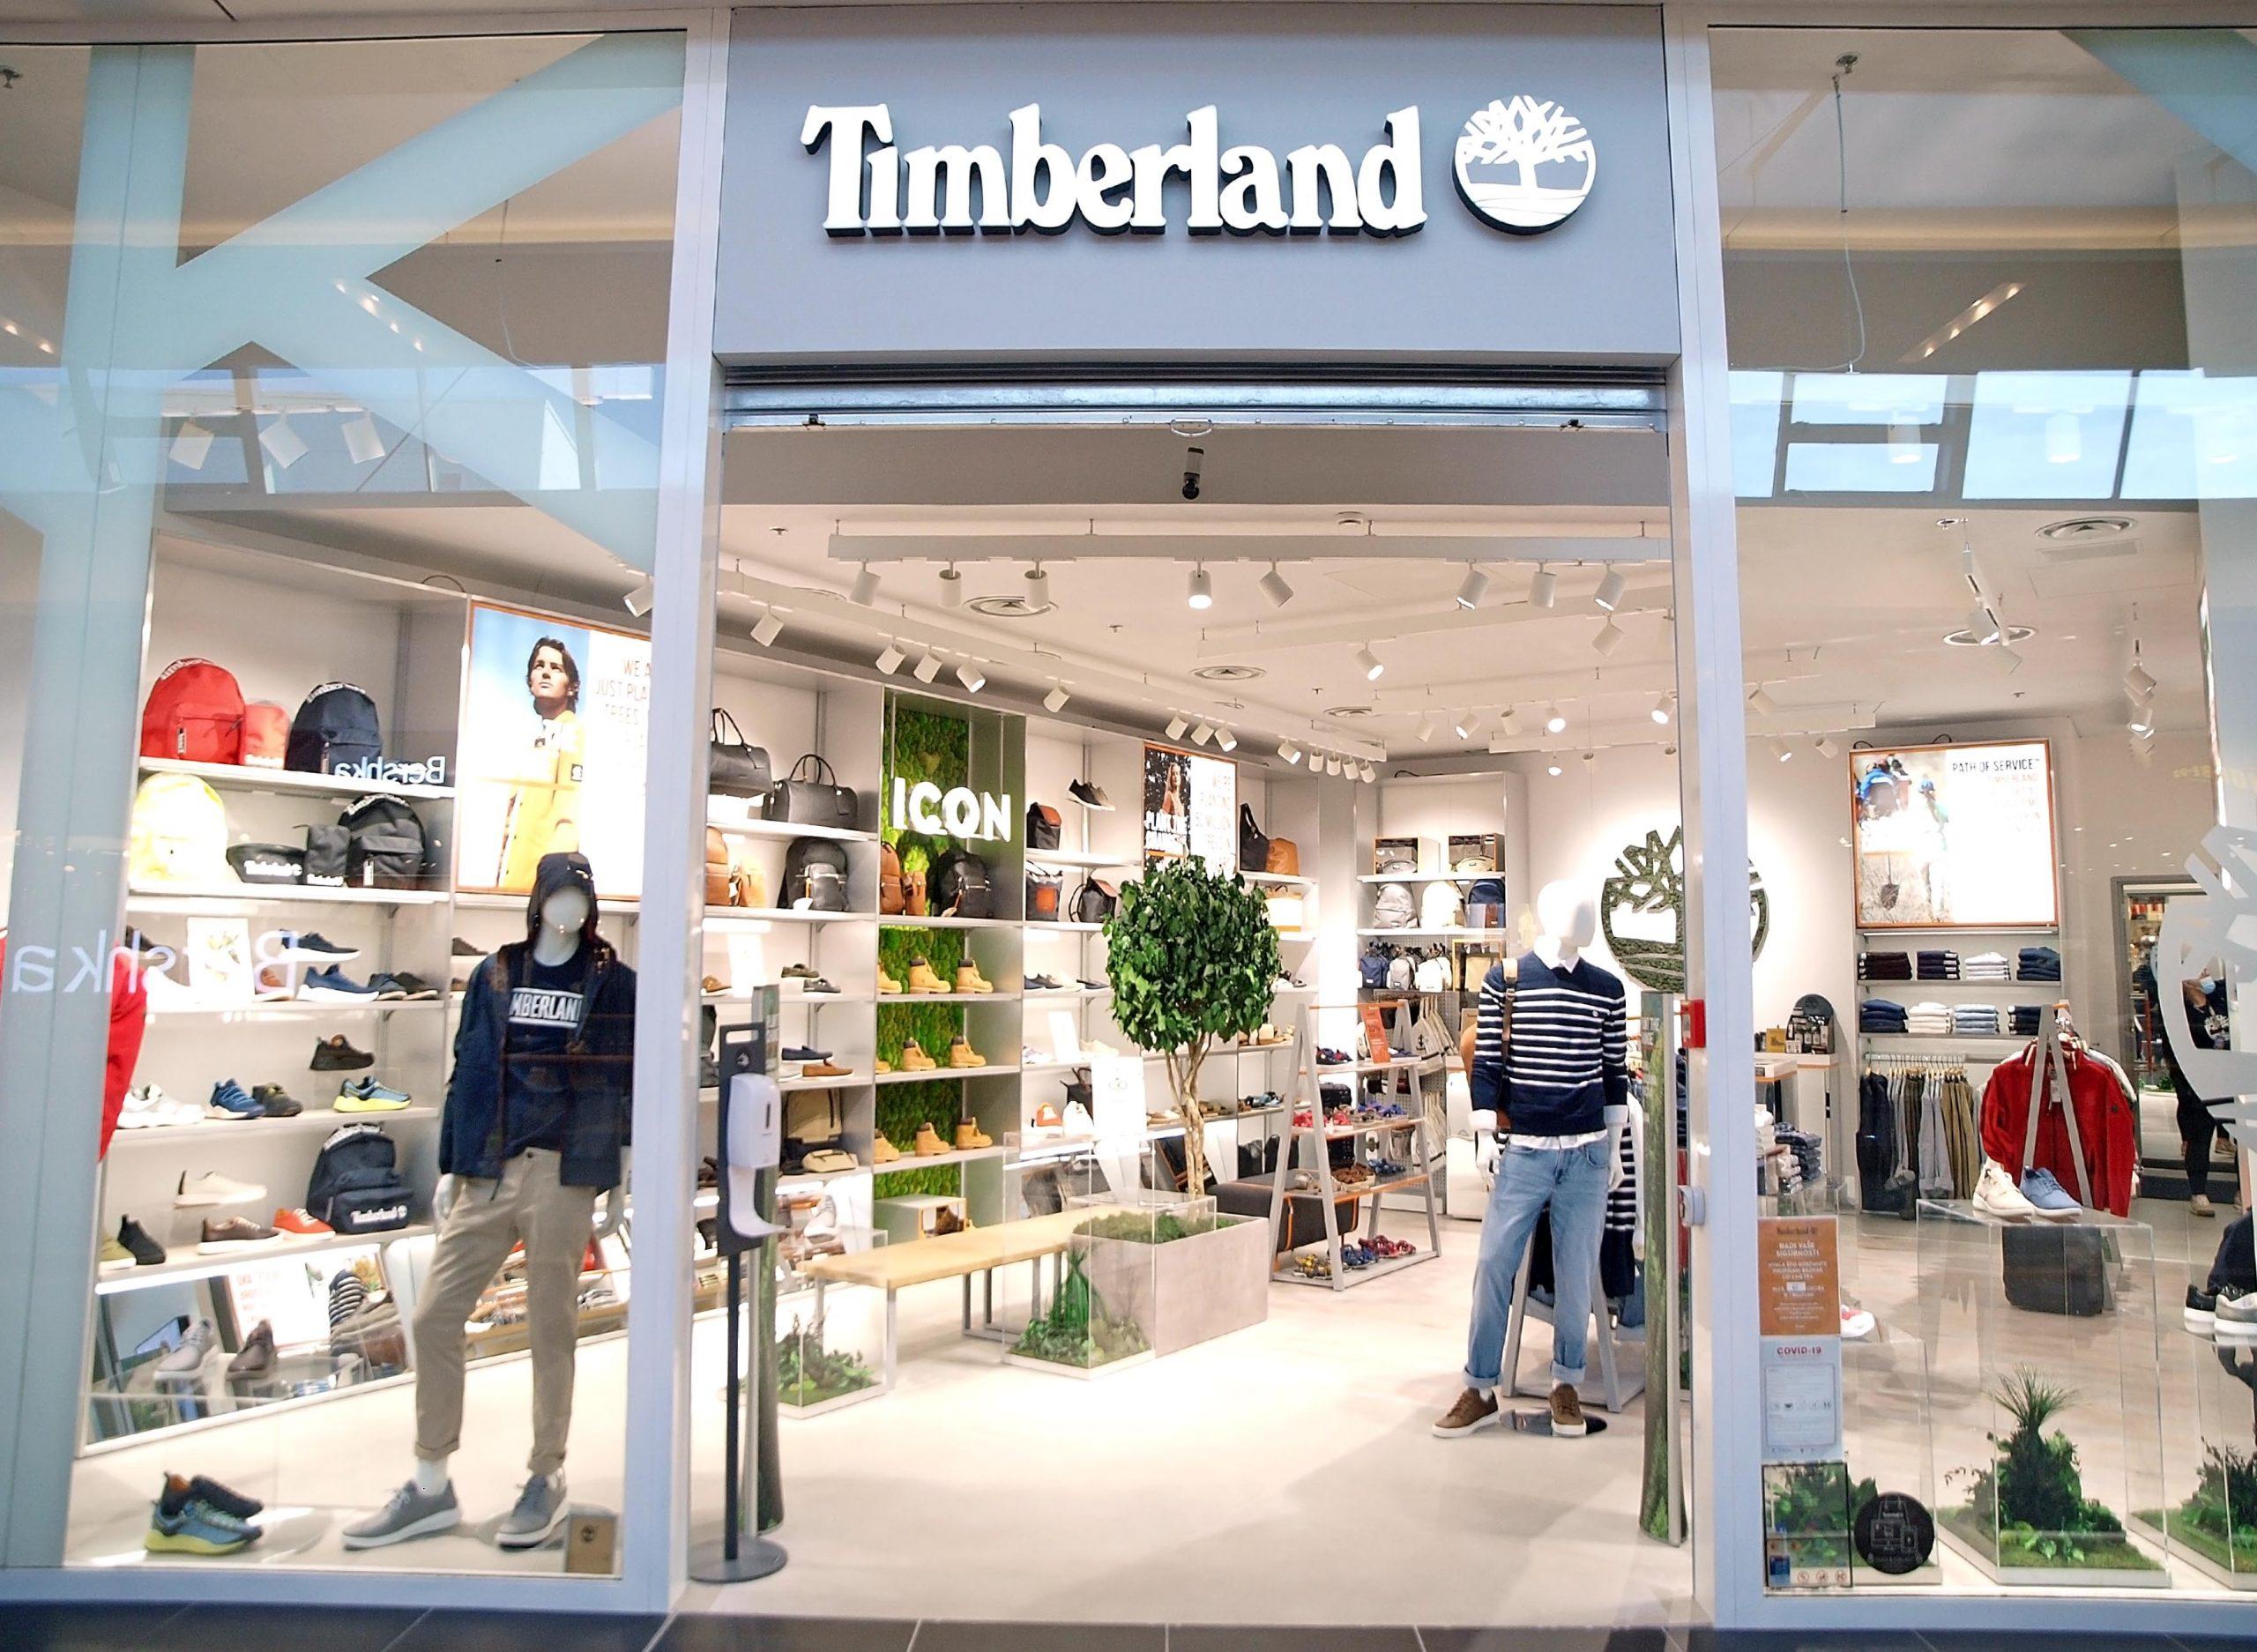 Timberland proljeće 2021. - u fokusu je kolekcija napravljena u skladu s prirodom!